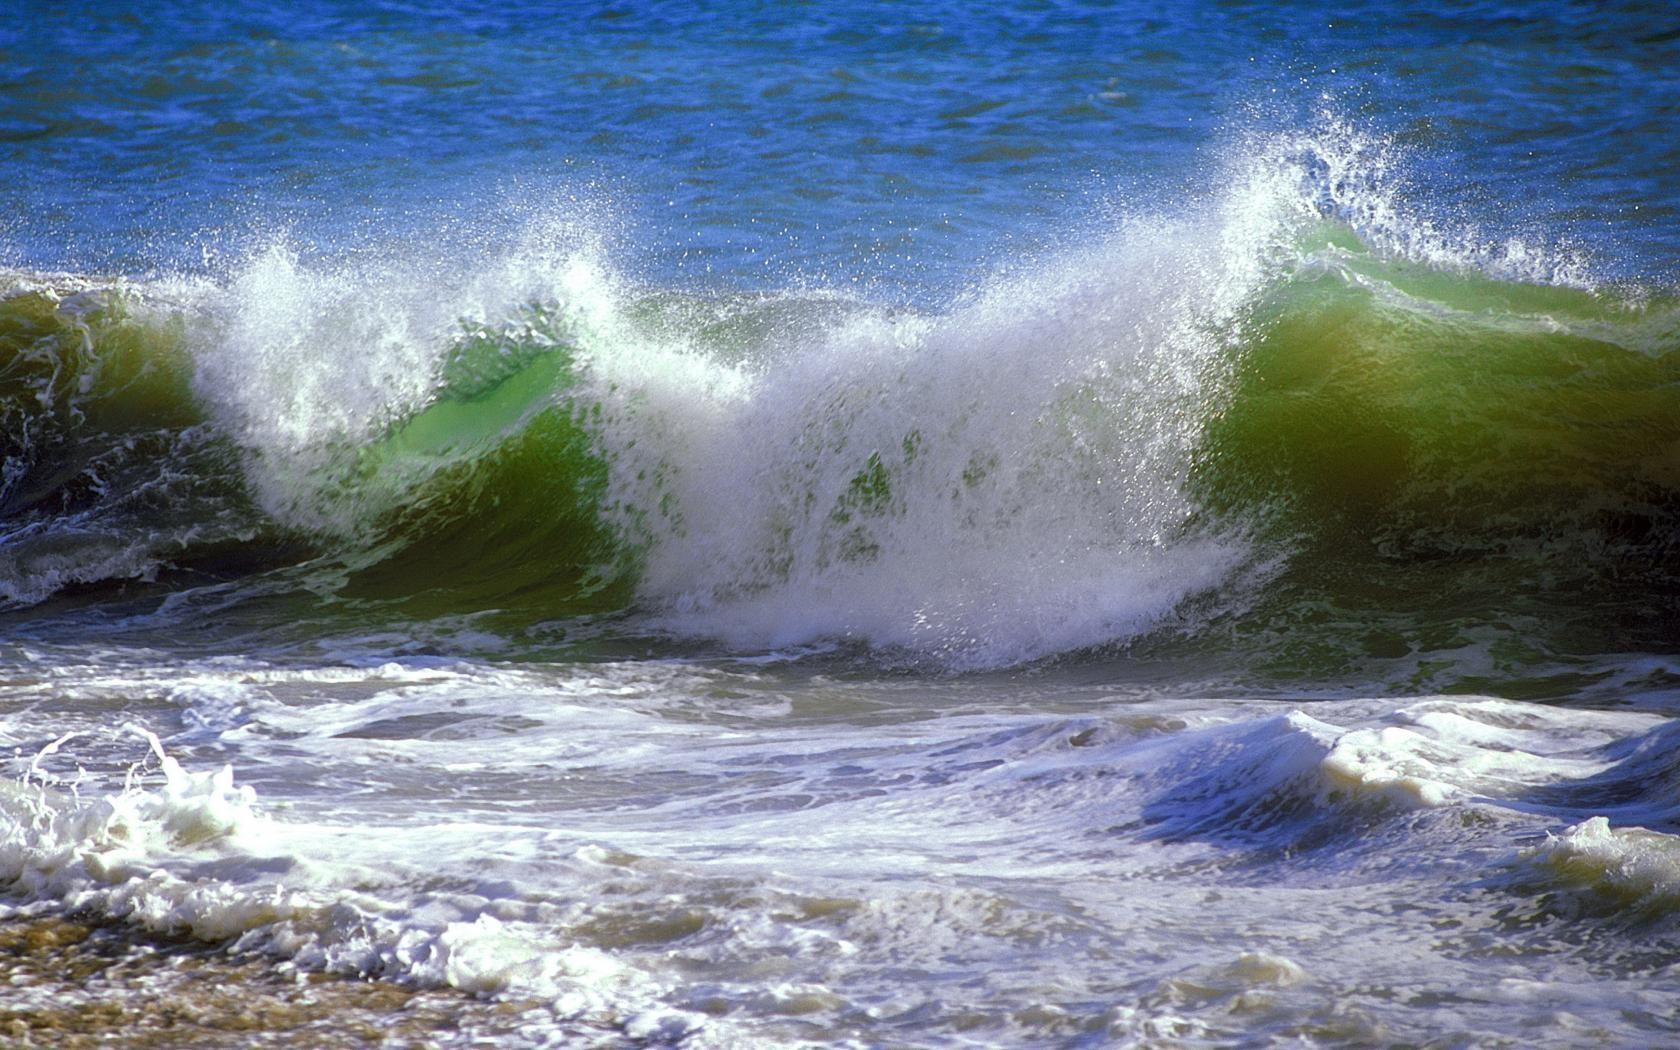 Море плещет картинка